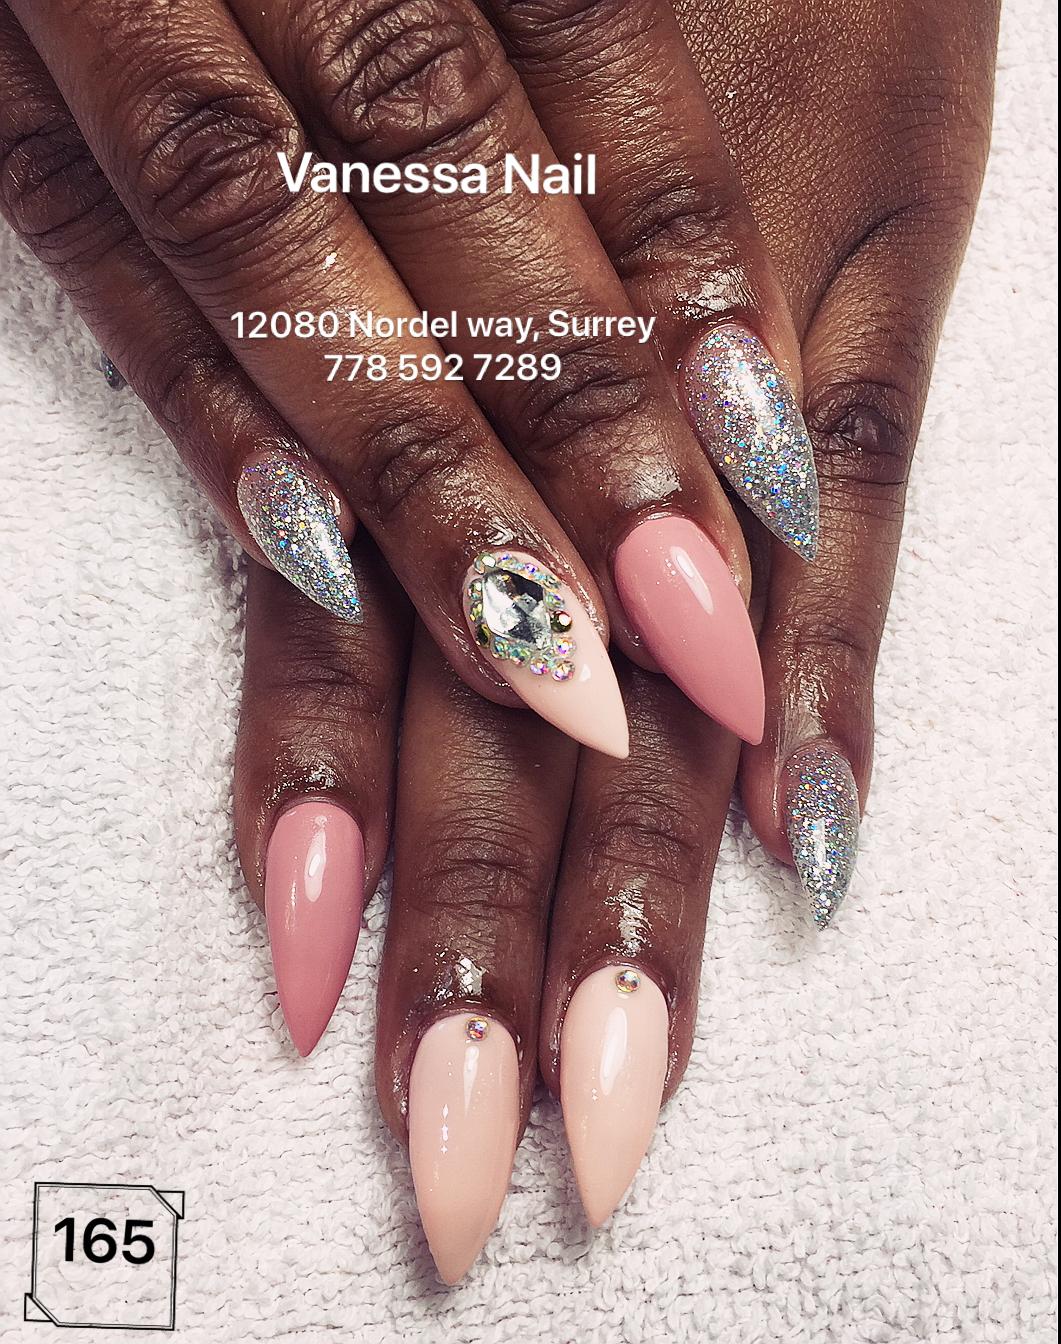 Vanessa Nail Spa Nail Salon Open In Surrey Near Me Surrey Bc Vanessa Nails Nail Spa Natural Nail Care